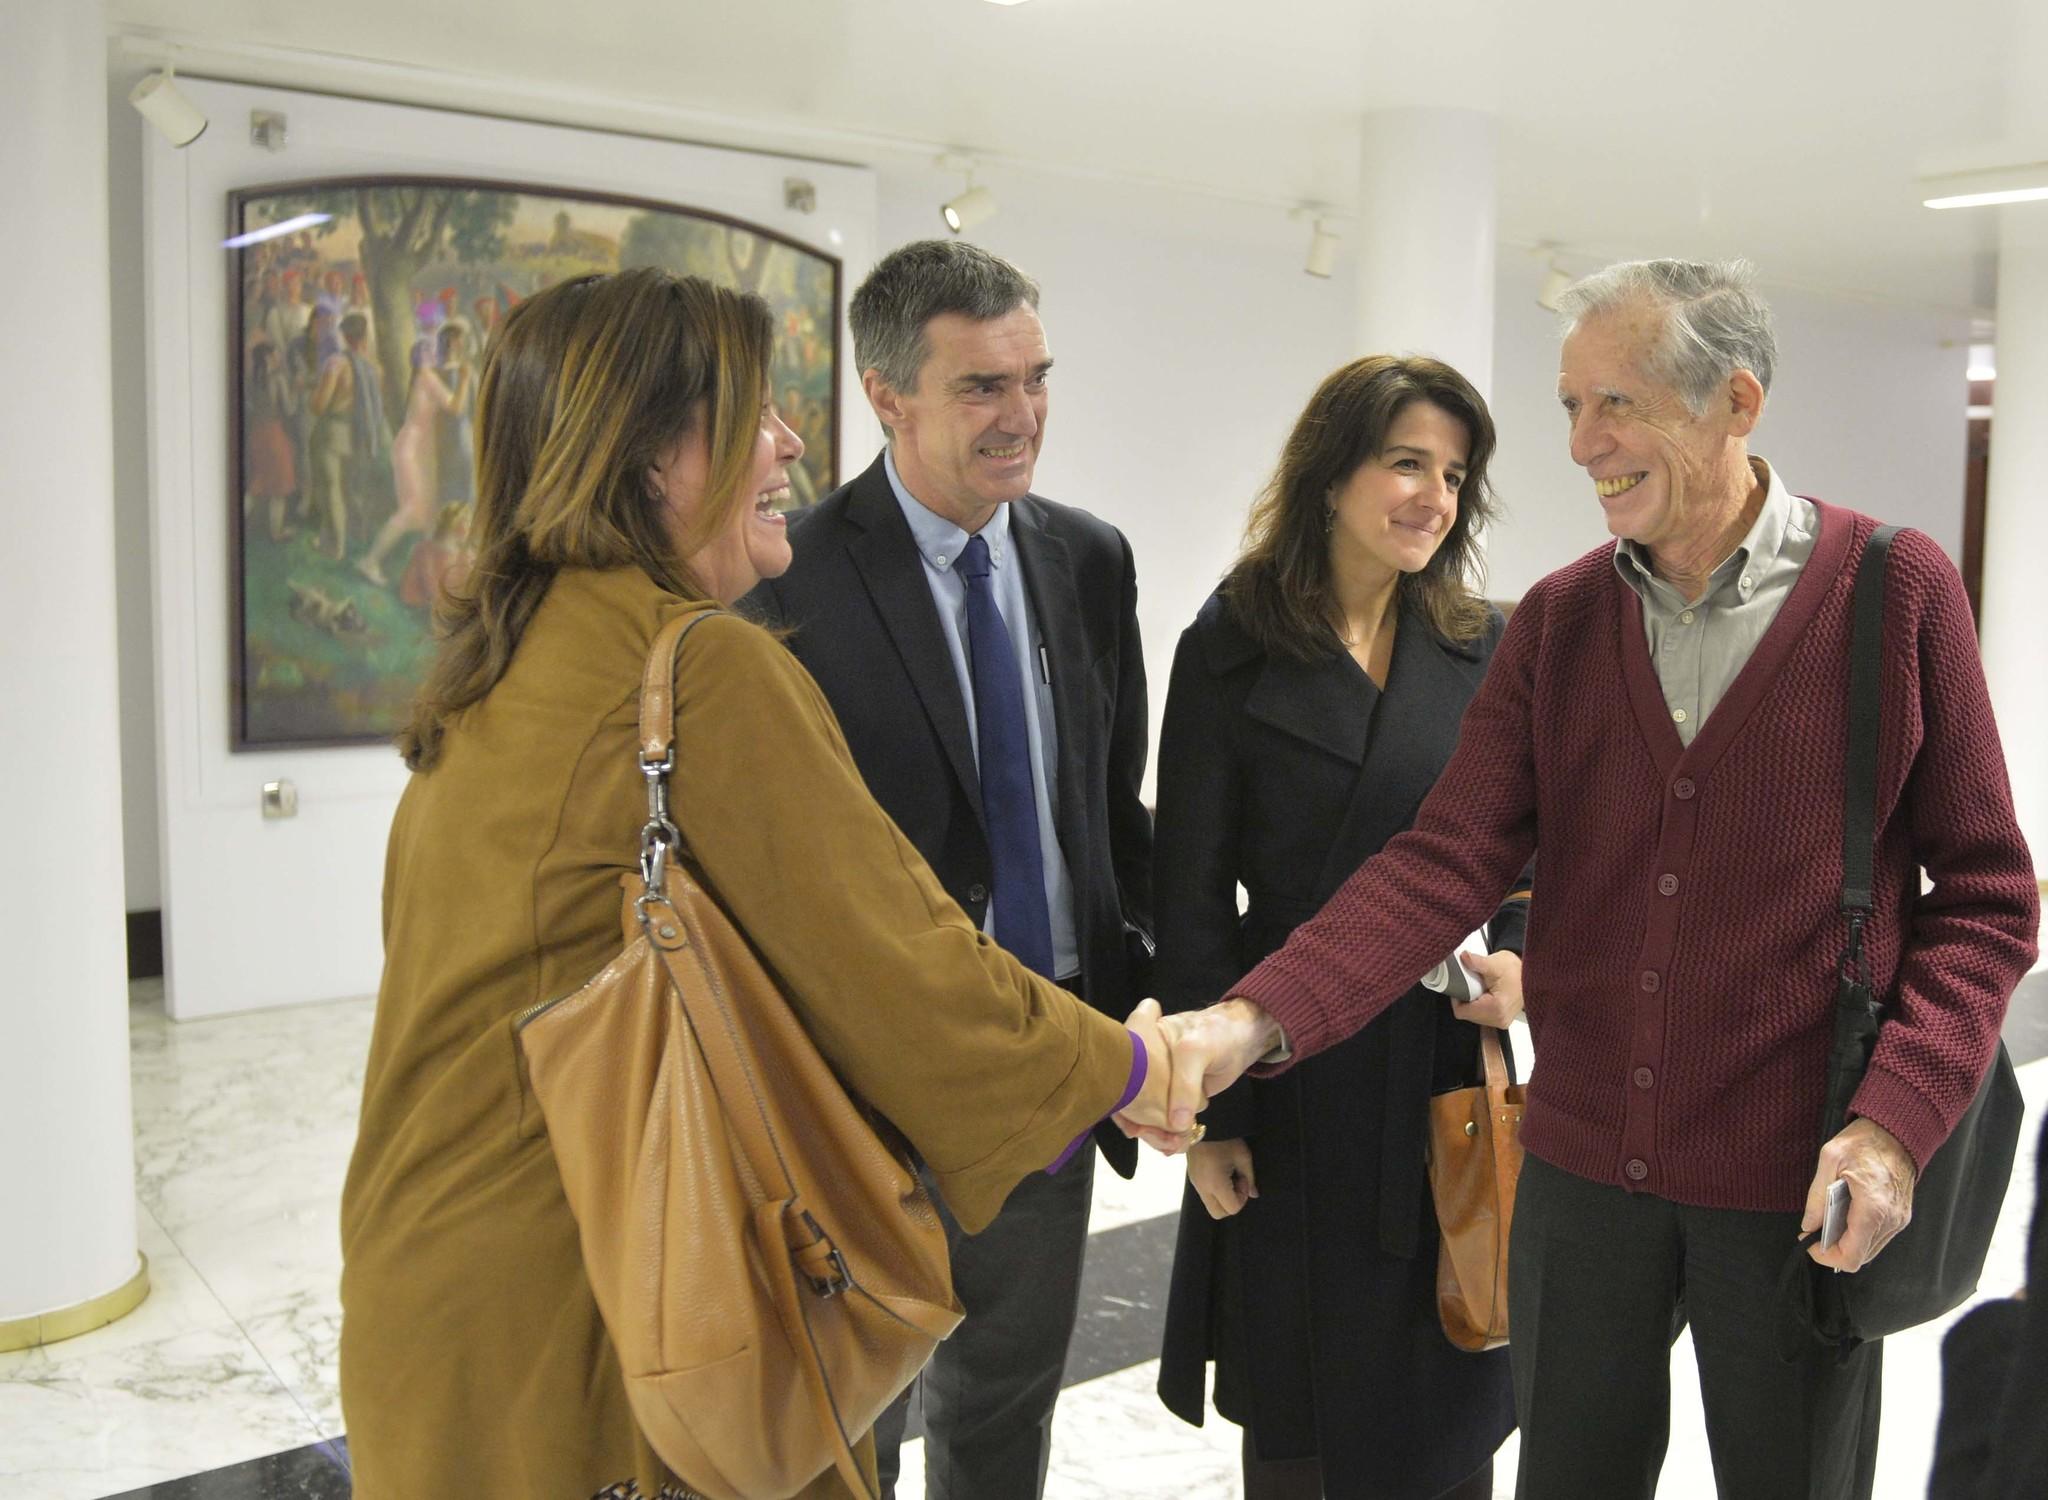 Fernández observa el saludo entre la viceconsejera de Educación y el periodista Mariano Ferrer.